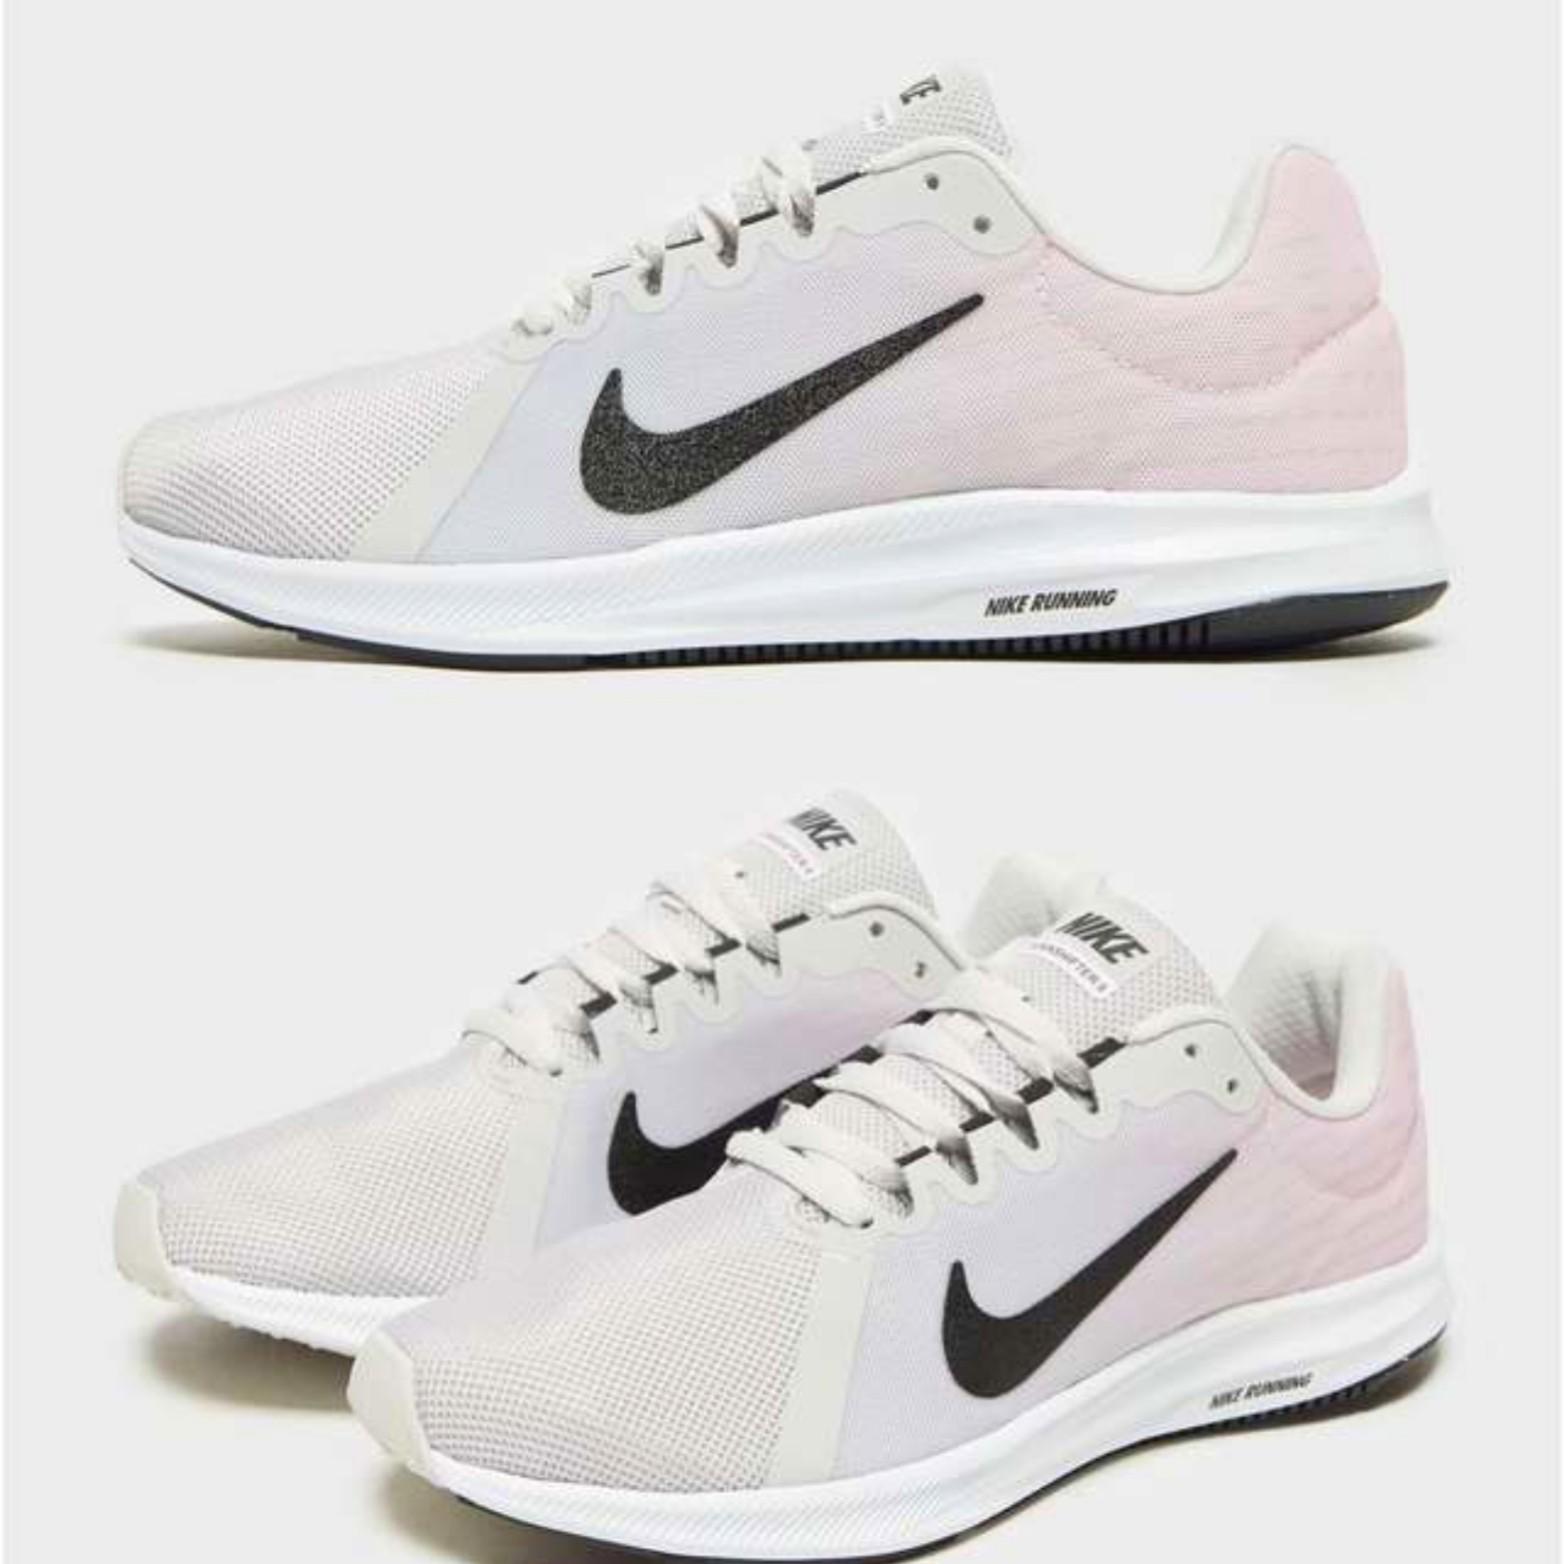 Nike Downshifter 8 Women Shoes sports